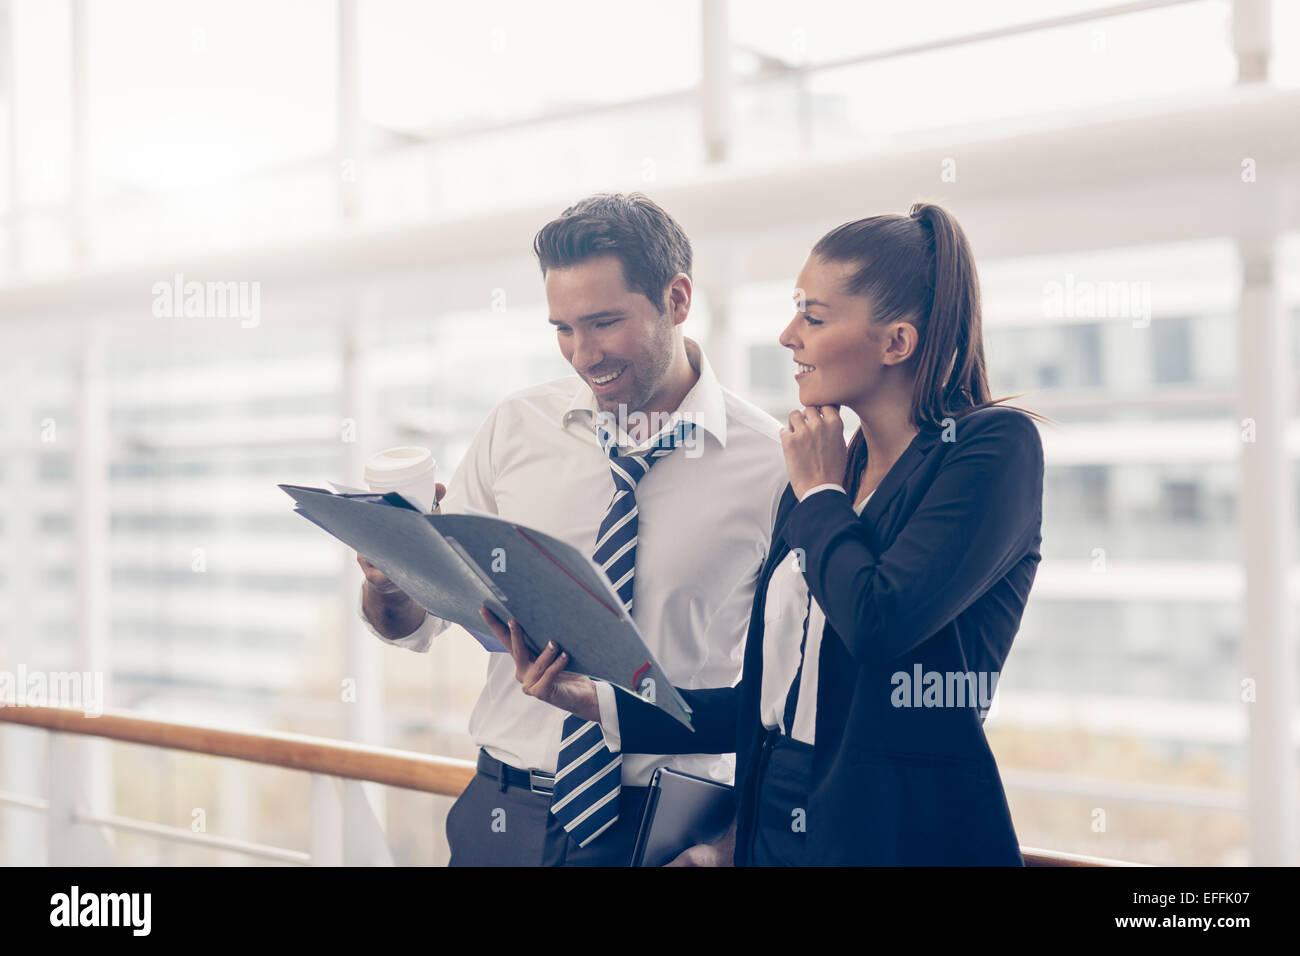 Business-Leute zu treffen und Ideen austauschen Stockfoto